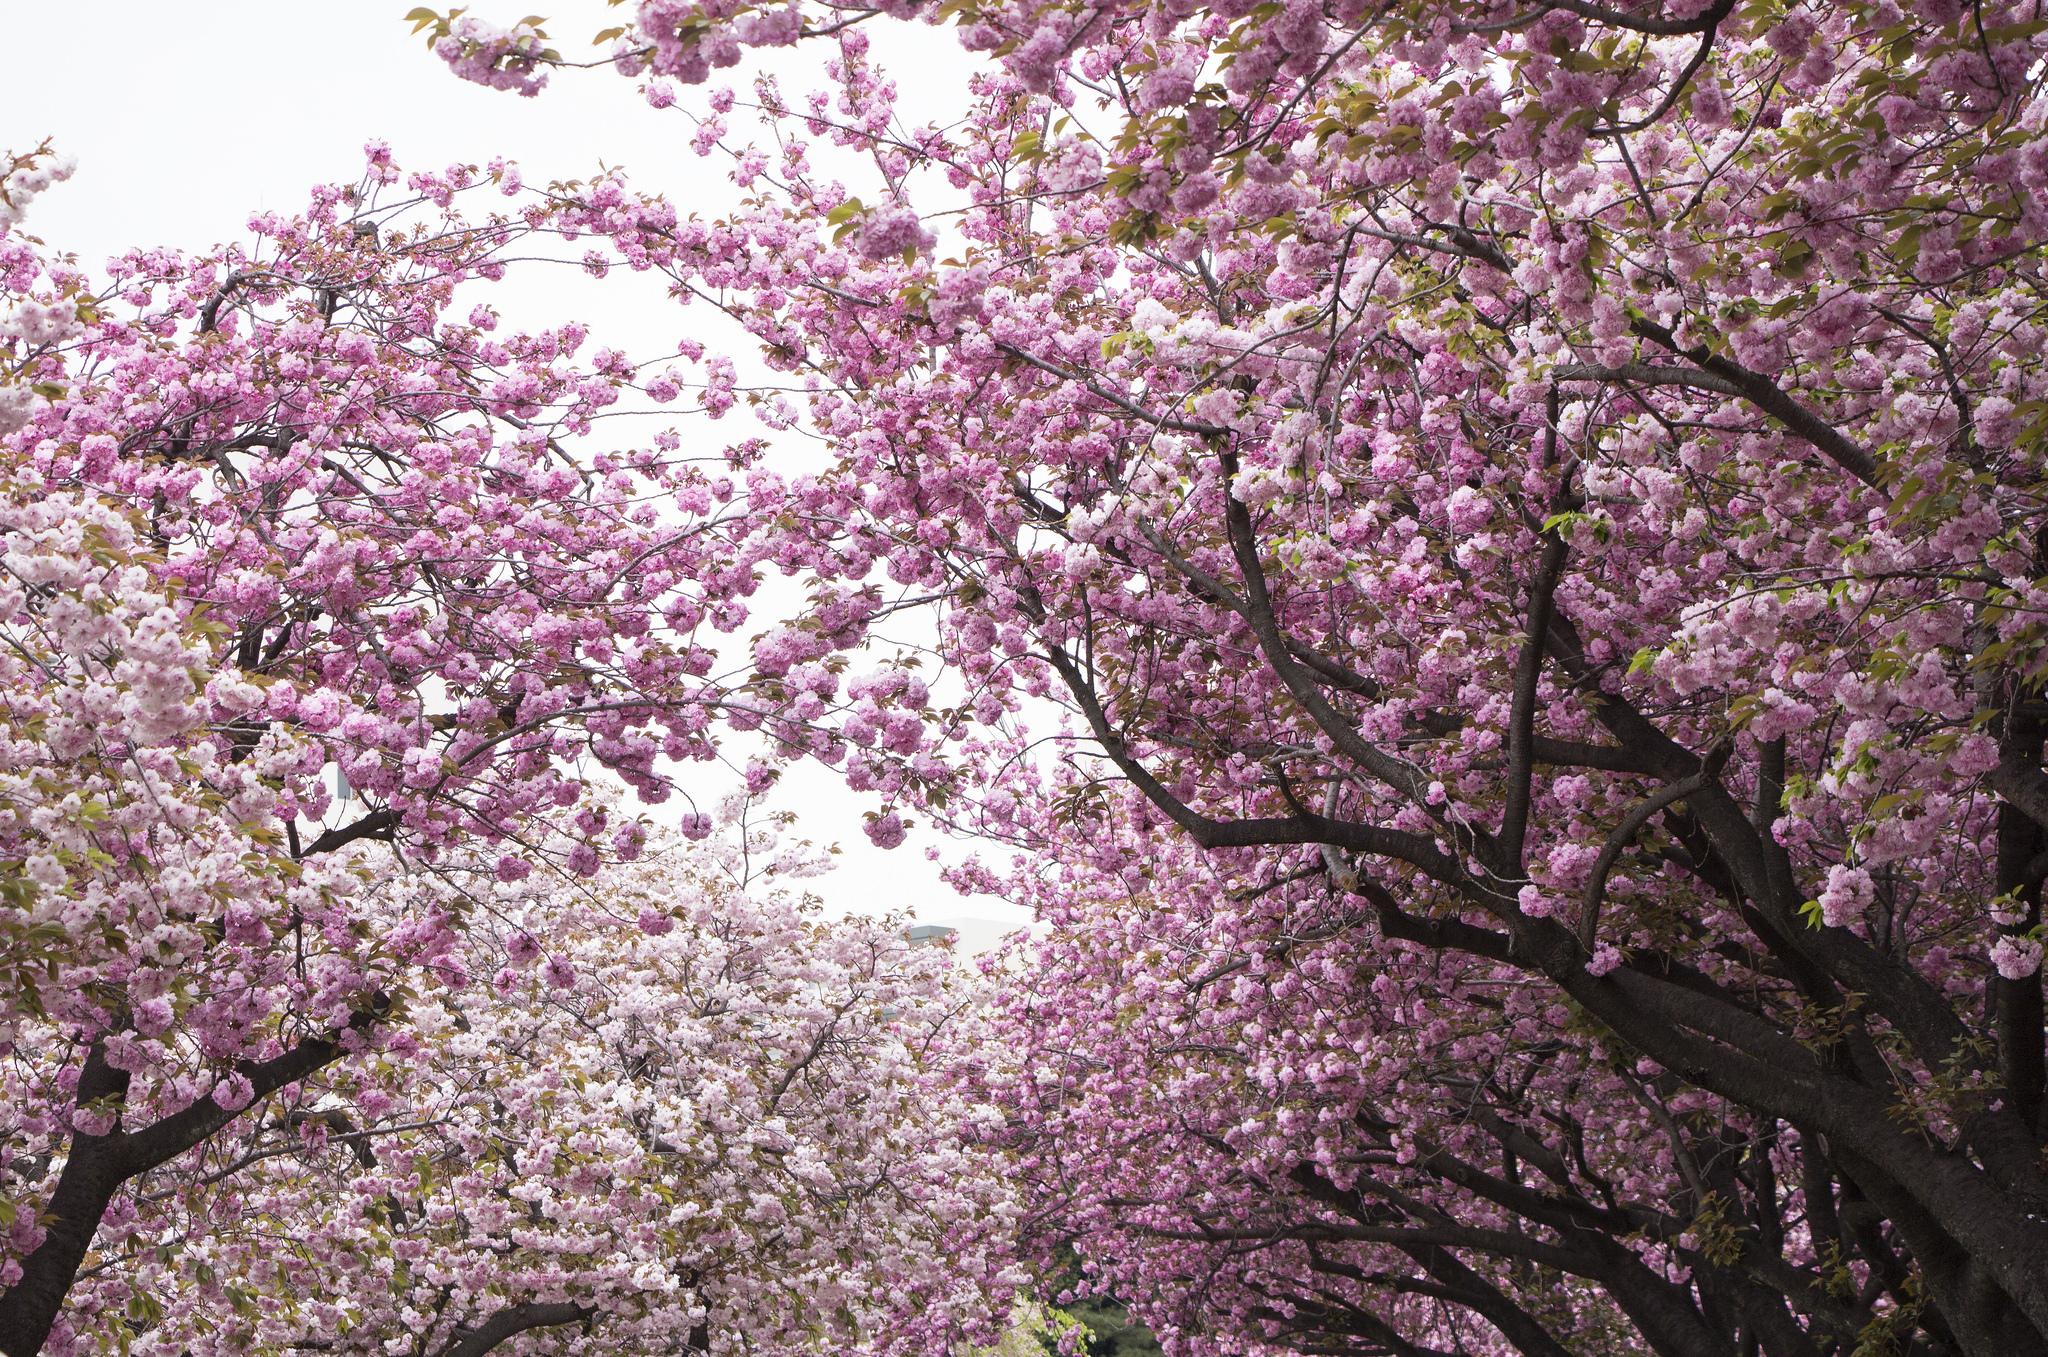 отличие картинки сакуры в цвету полностью быть какой-нибудь